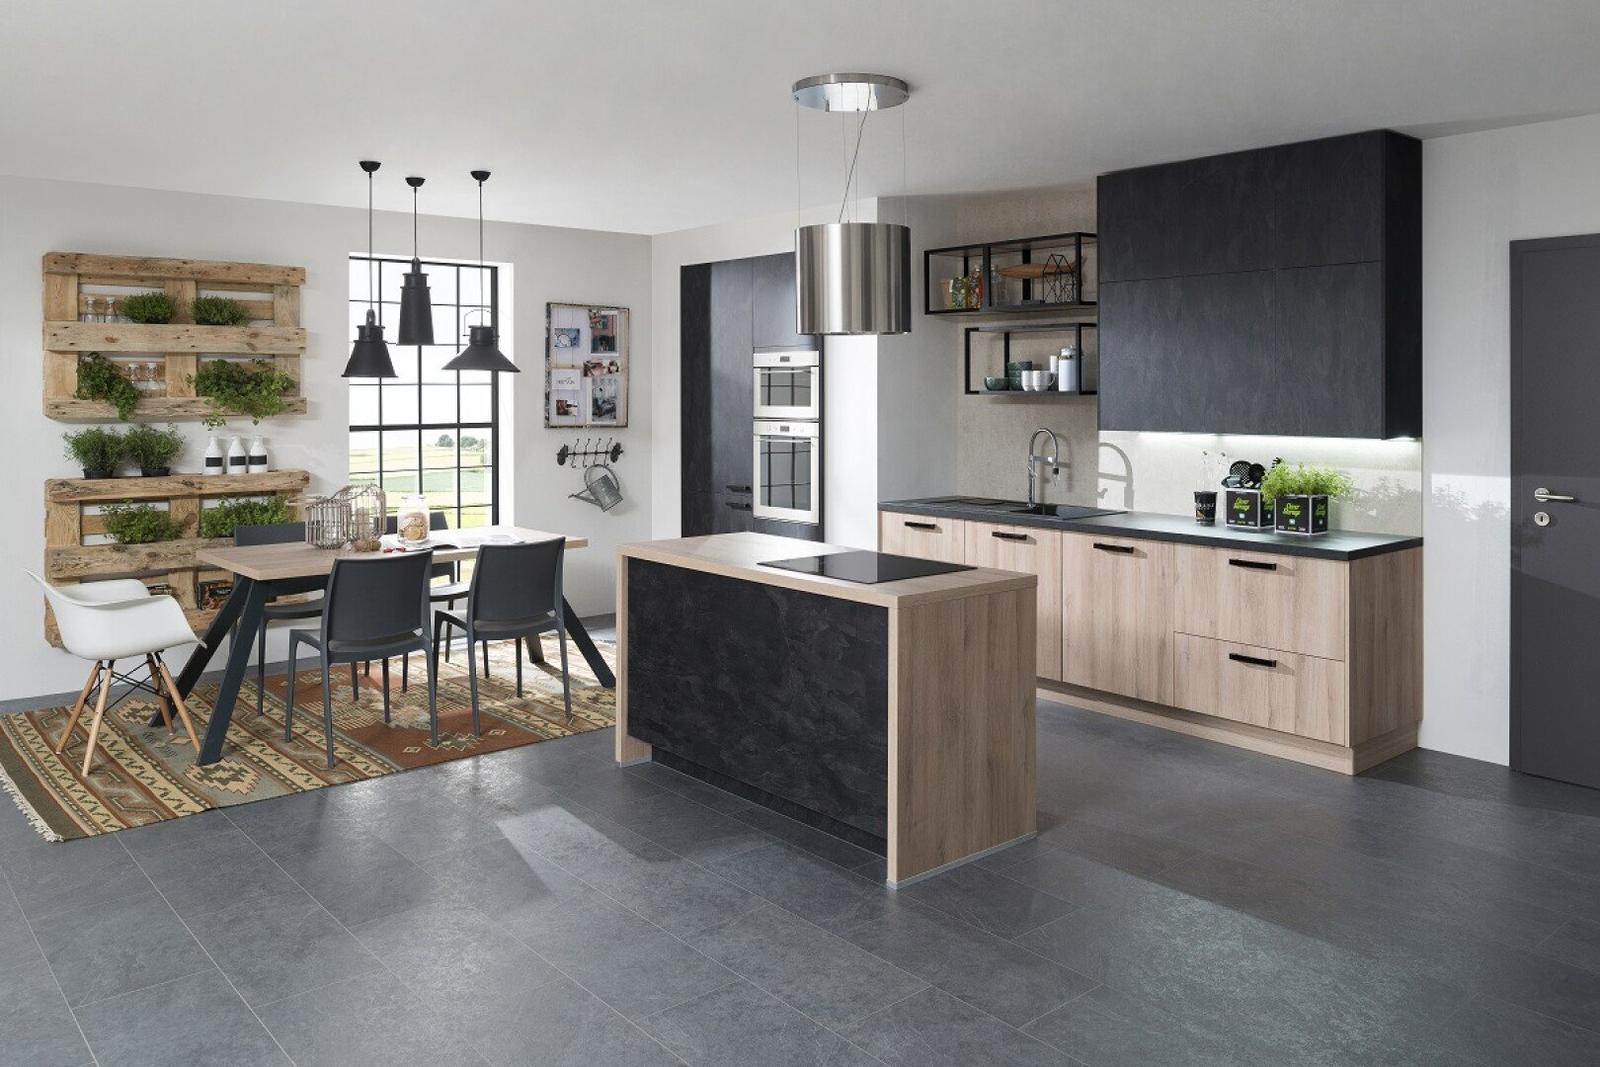 Kuchyňa IRIS - Obrázok č. 1